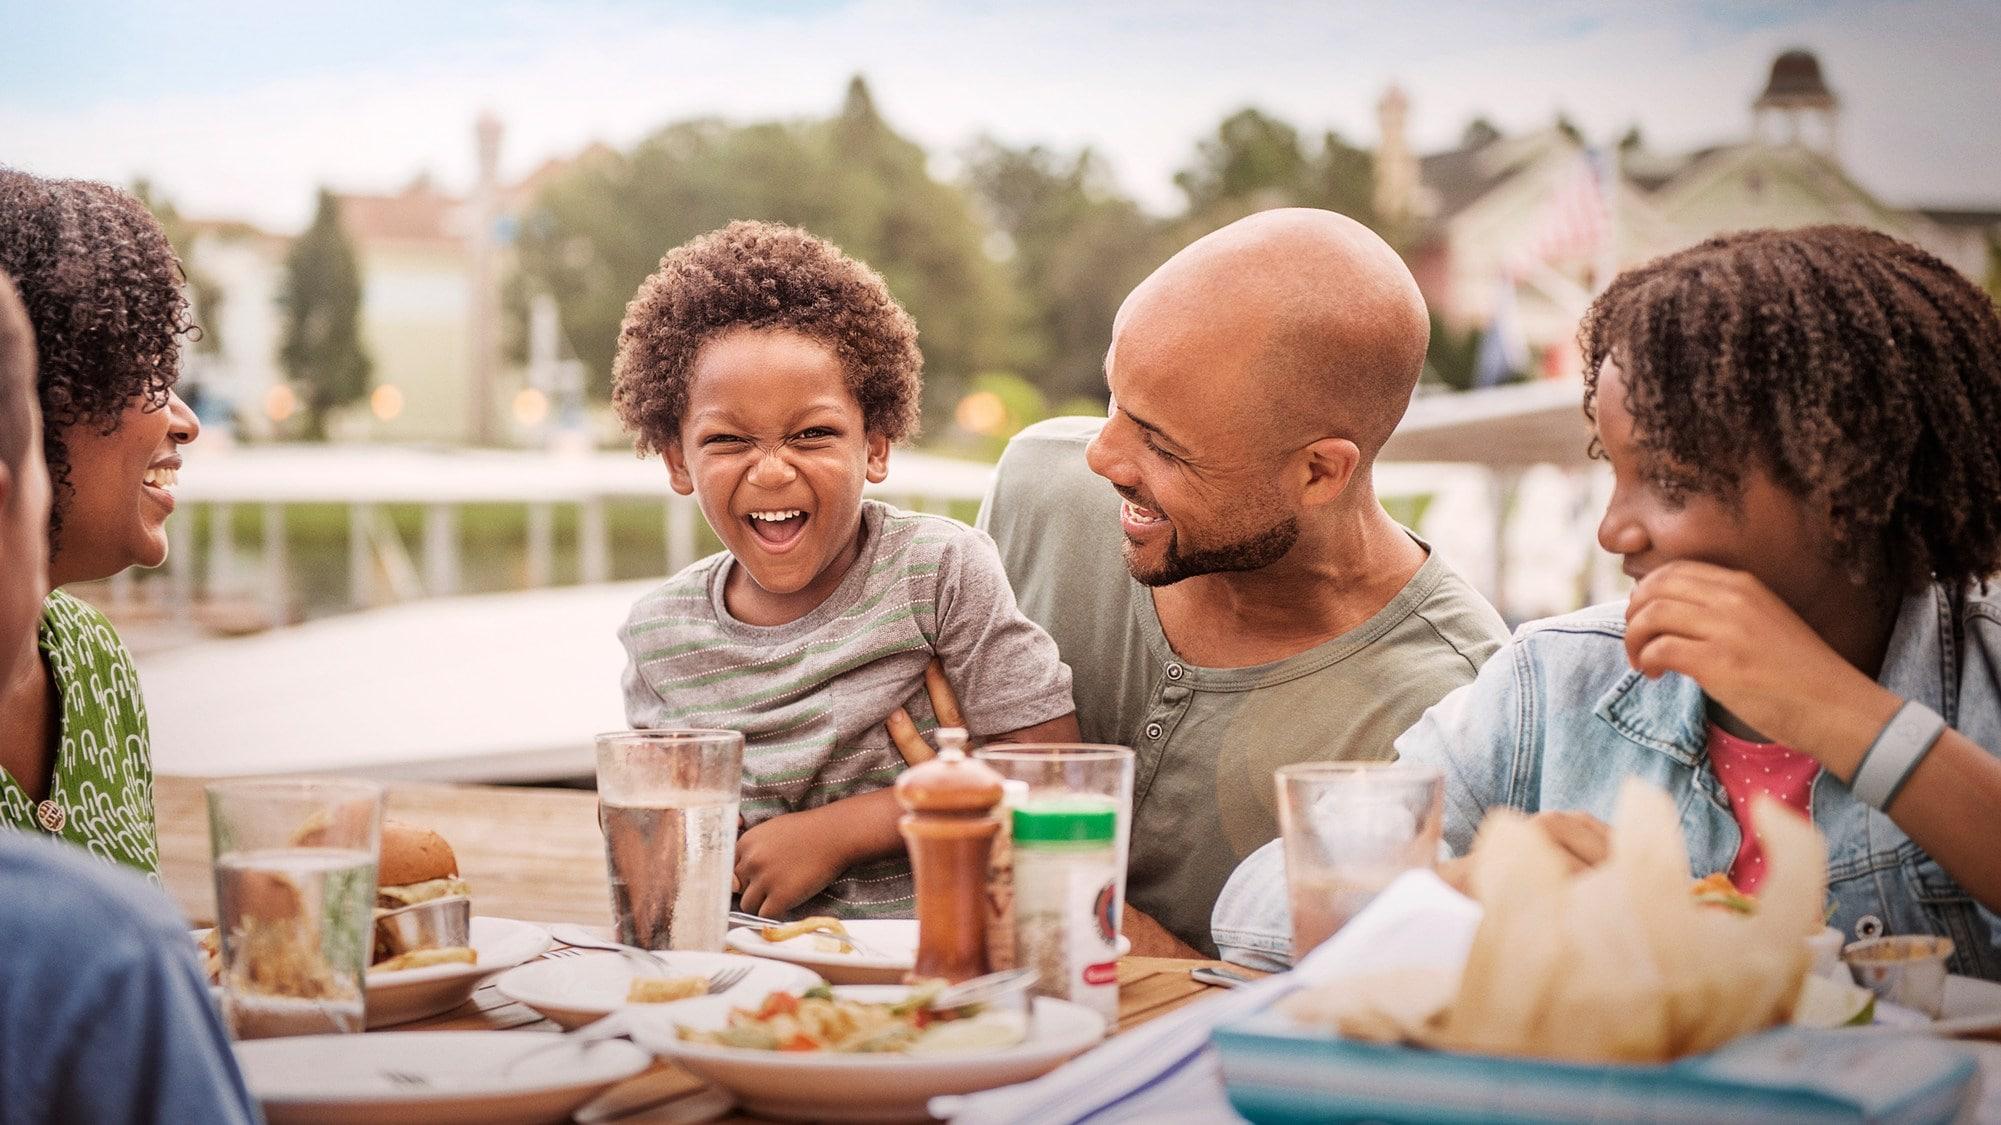 屋外のダイニングテーブルで食事をする 5 人連れの家族